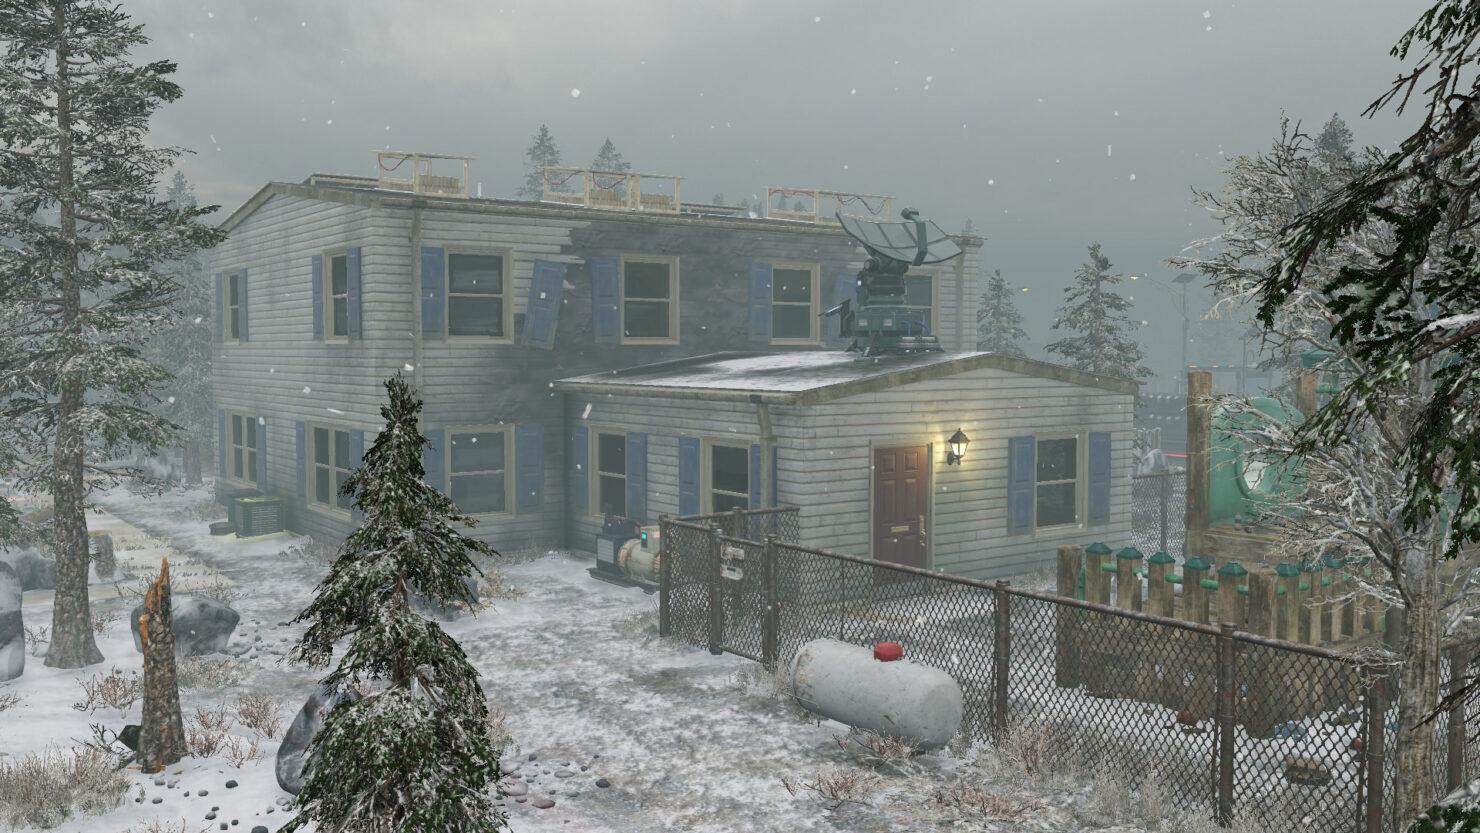 twn_md_house2story_01_tundra